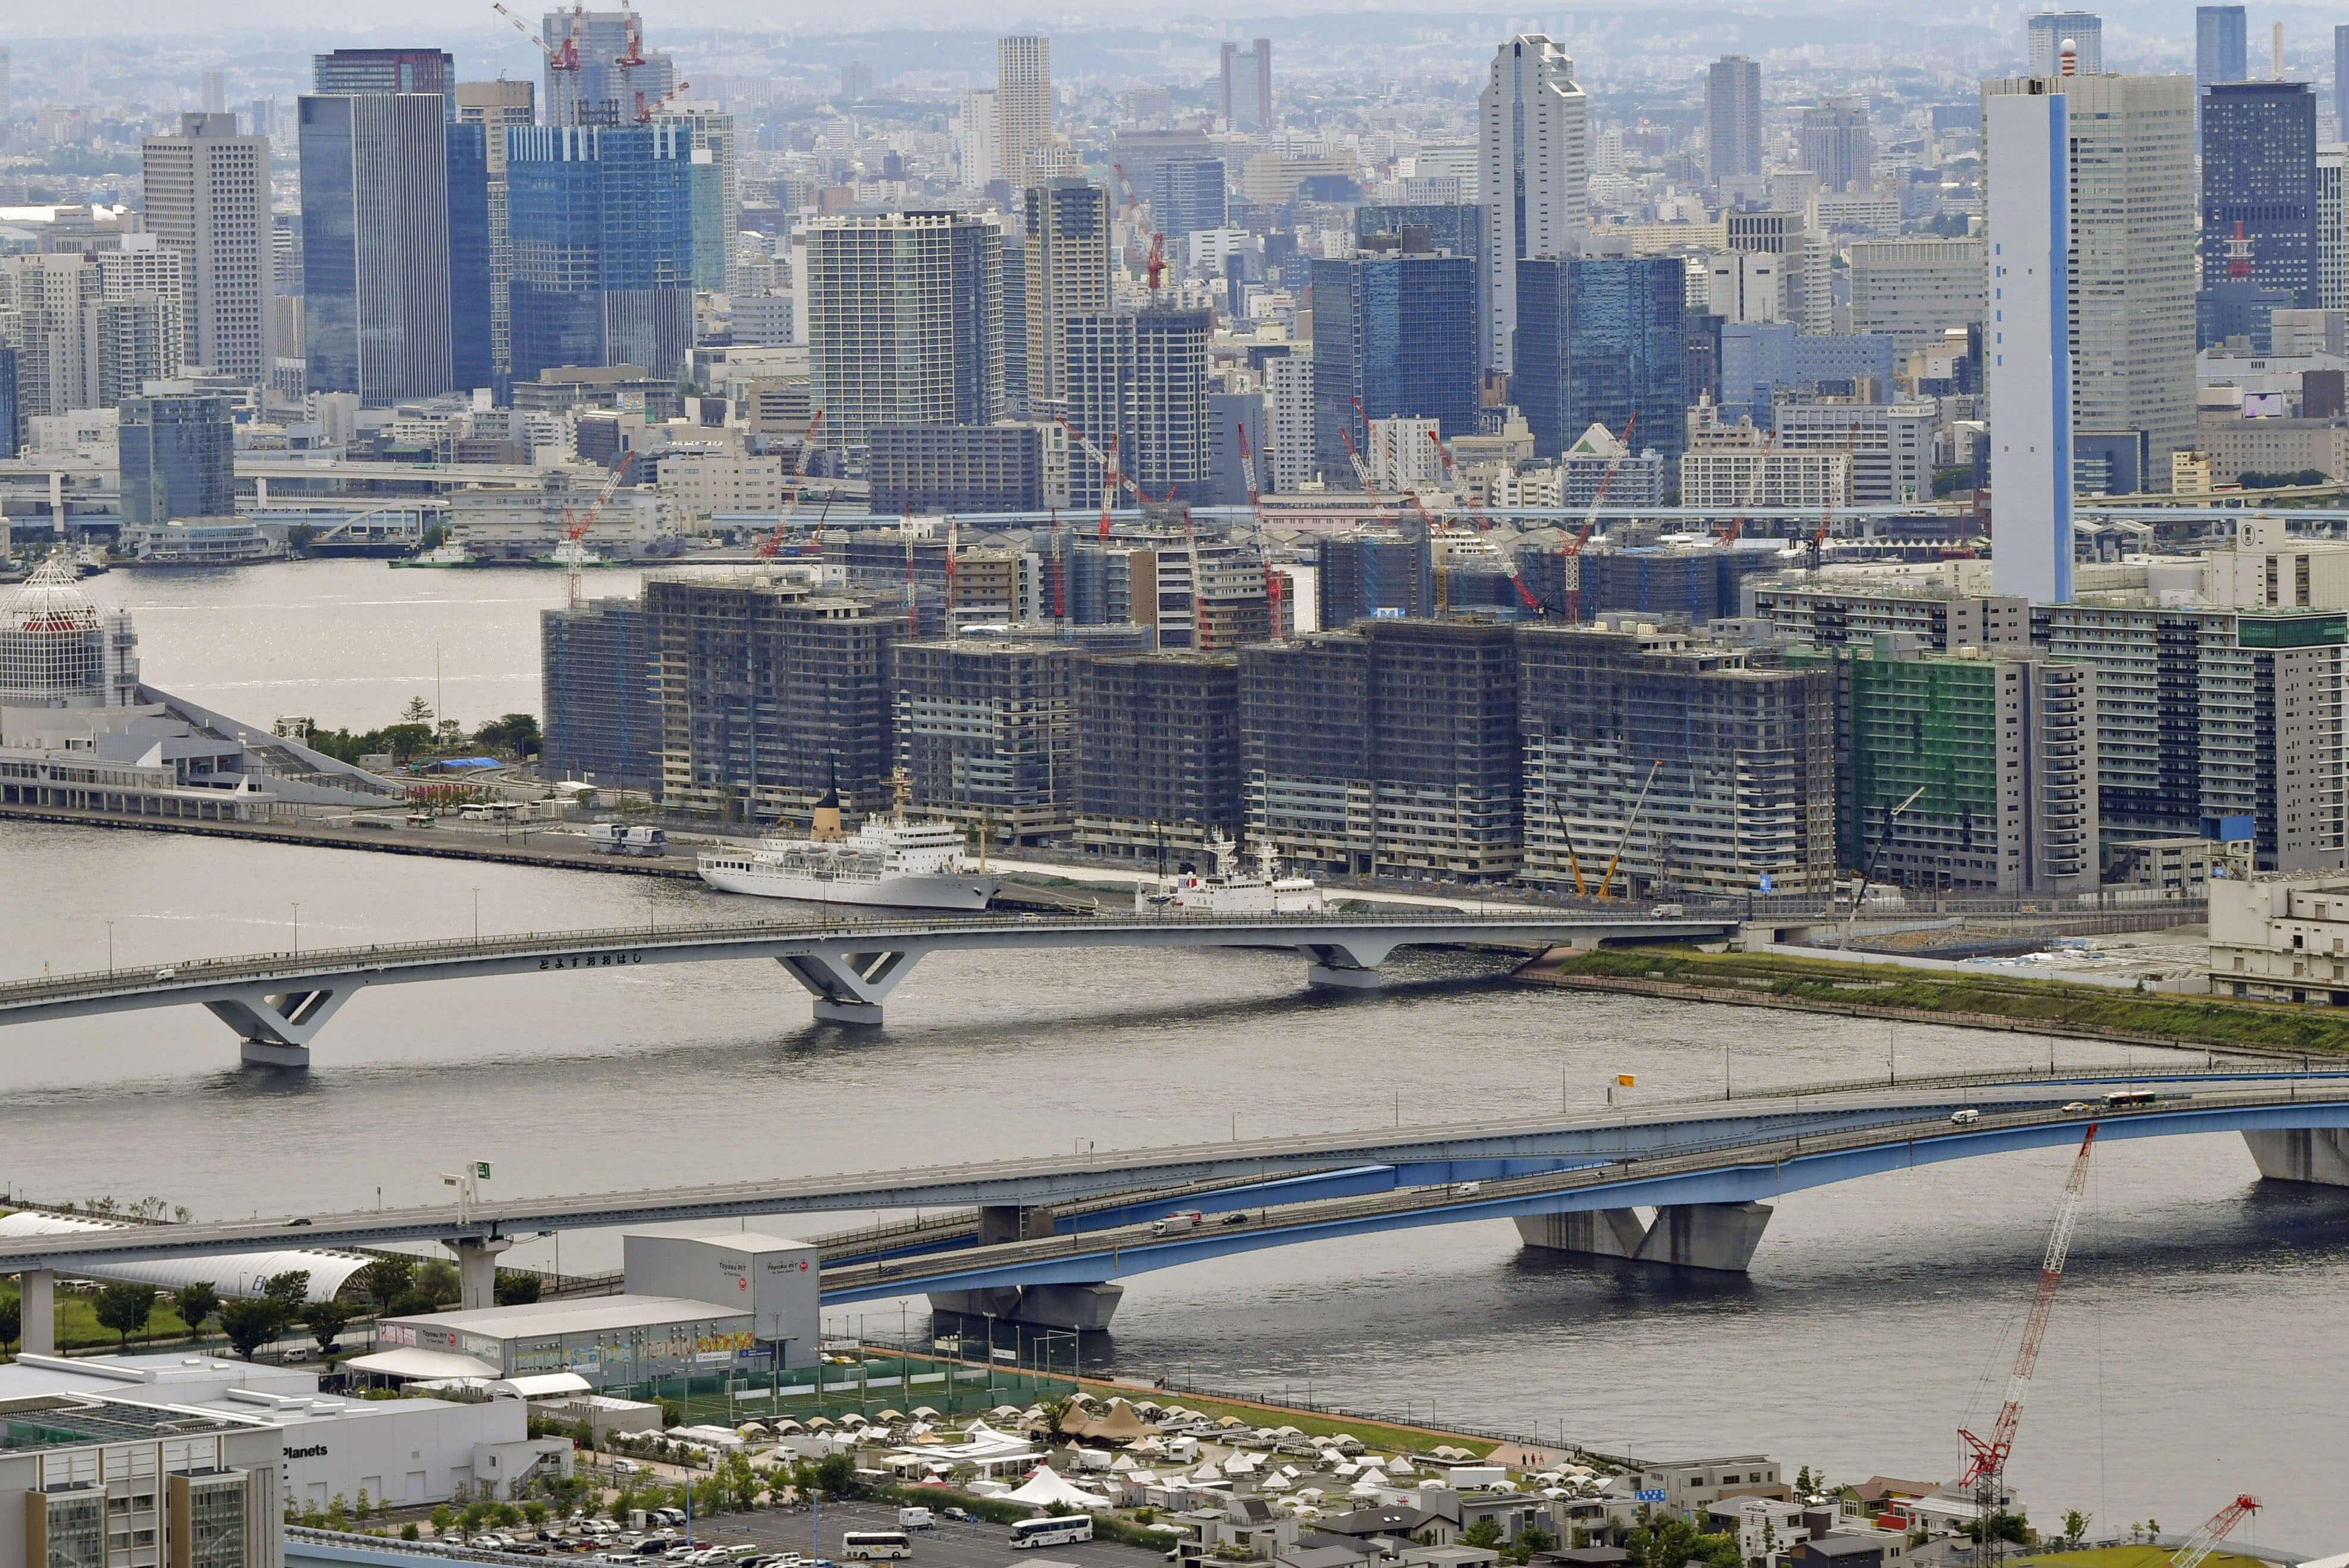 東京奧運選手村位於東京灣岸新開發地區,基地三面環海,全球頂尖選手在激烈的賽事後可欣賞東京灣美麗景致。(檔案照片/共同社提供)